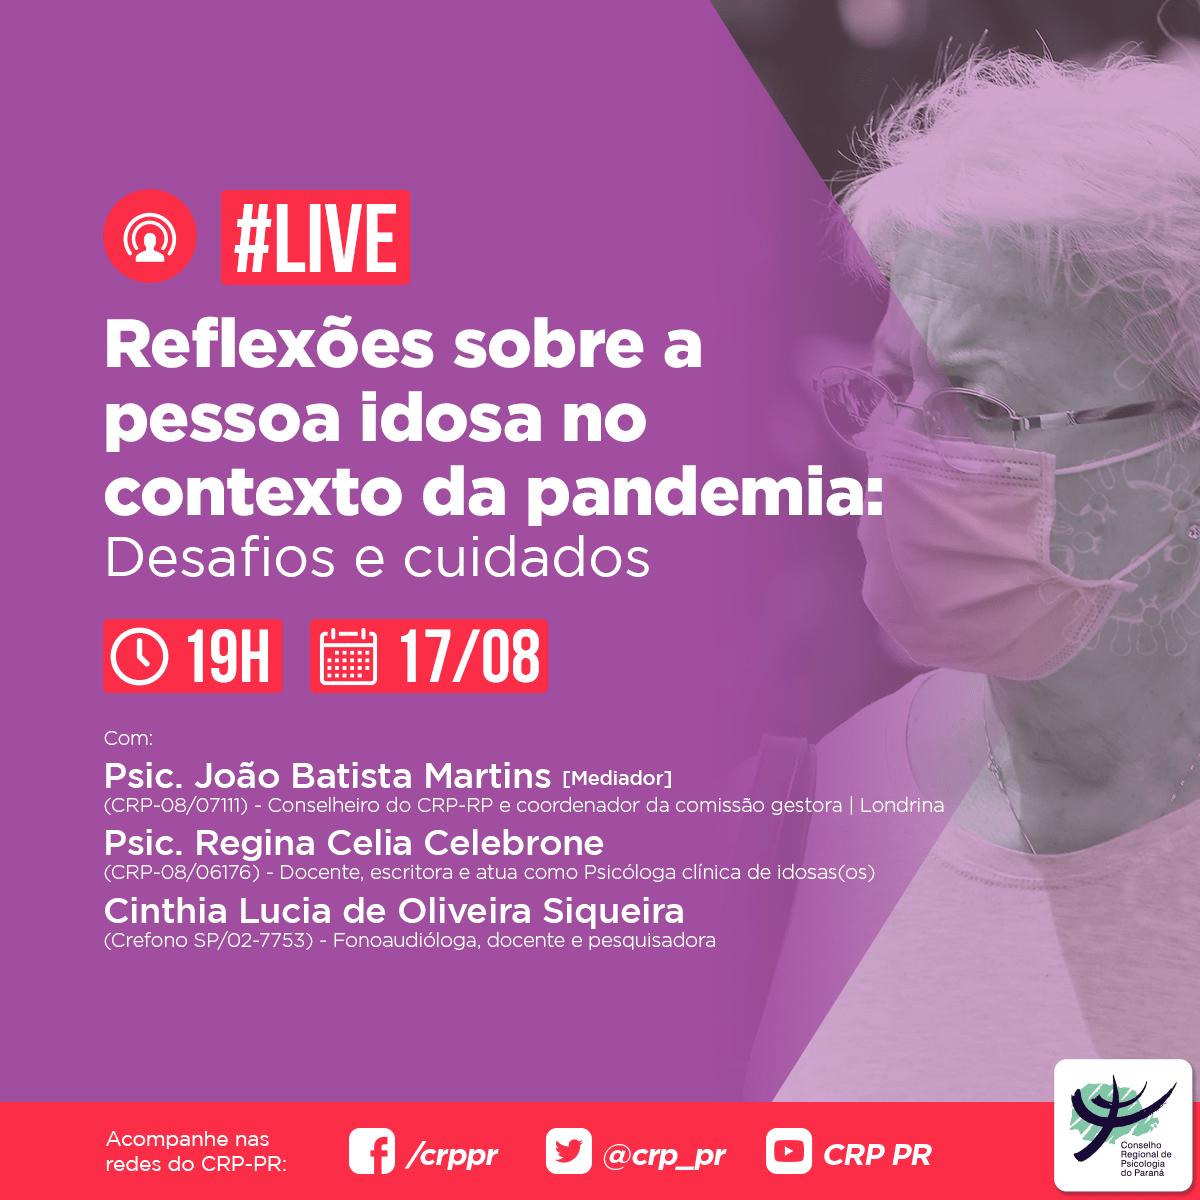 Live | Reflexões sobre a pessoa idosa no contexto da pandemia: desafios e cuidados